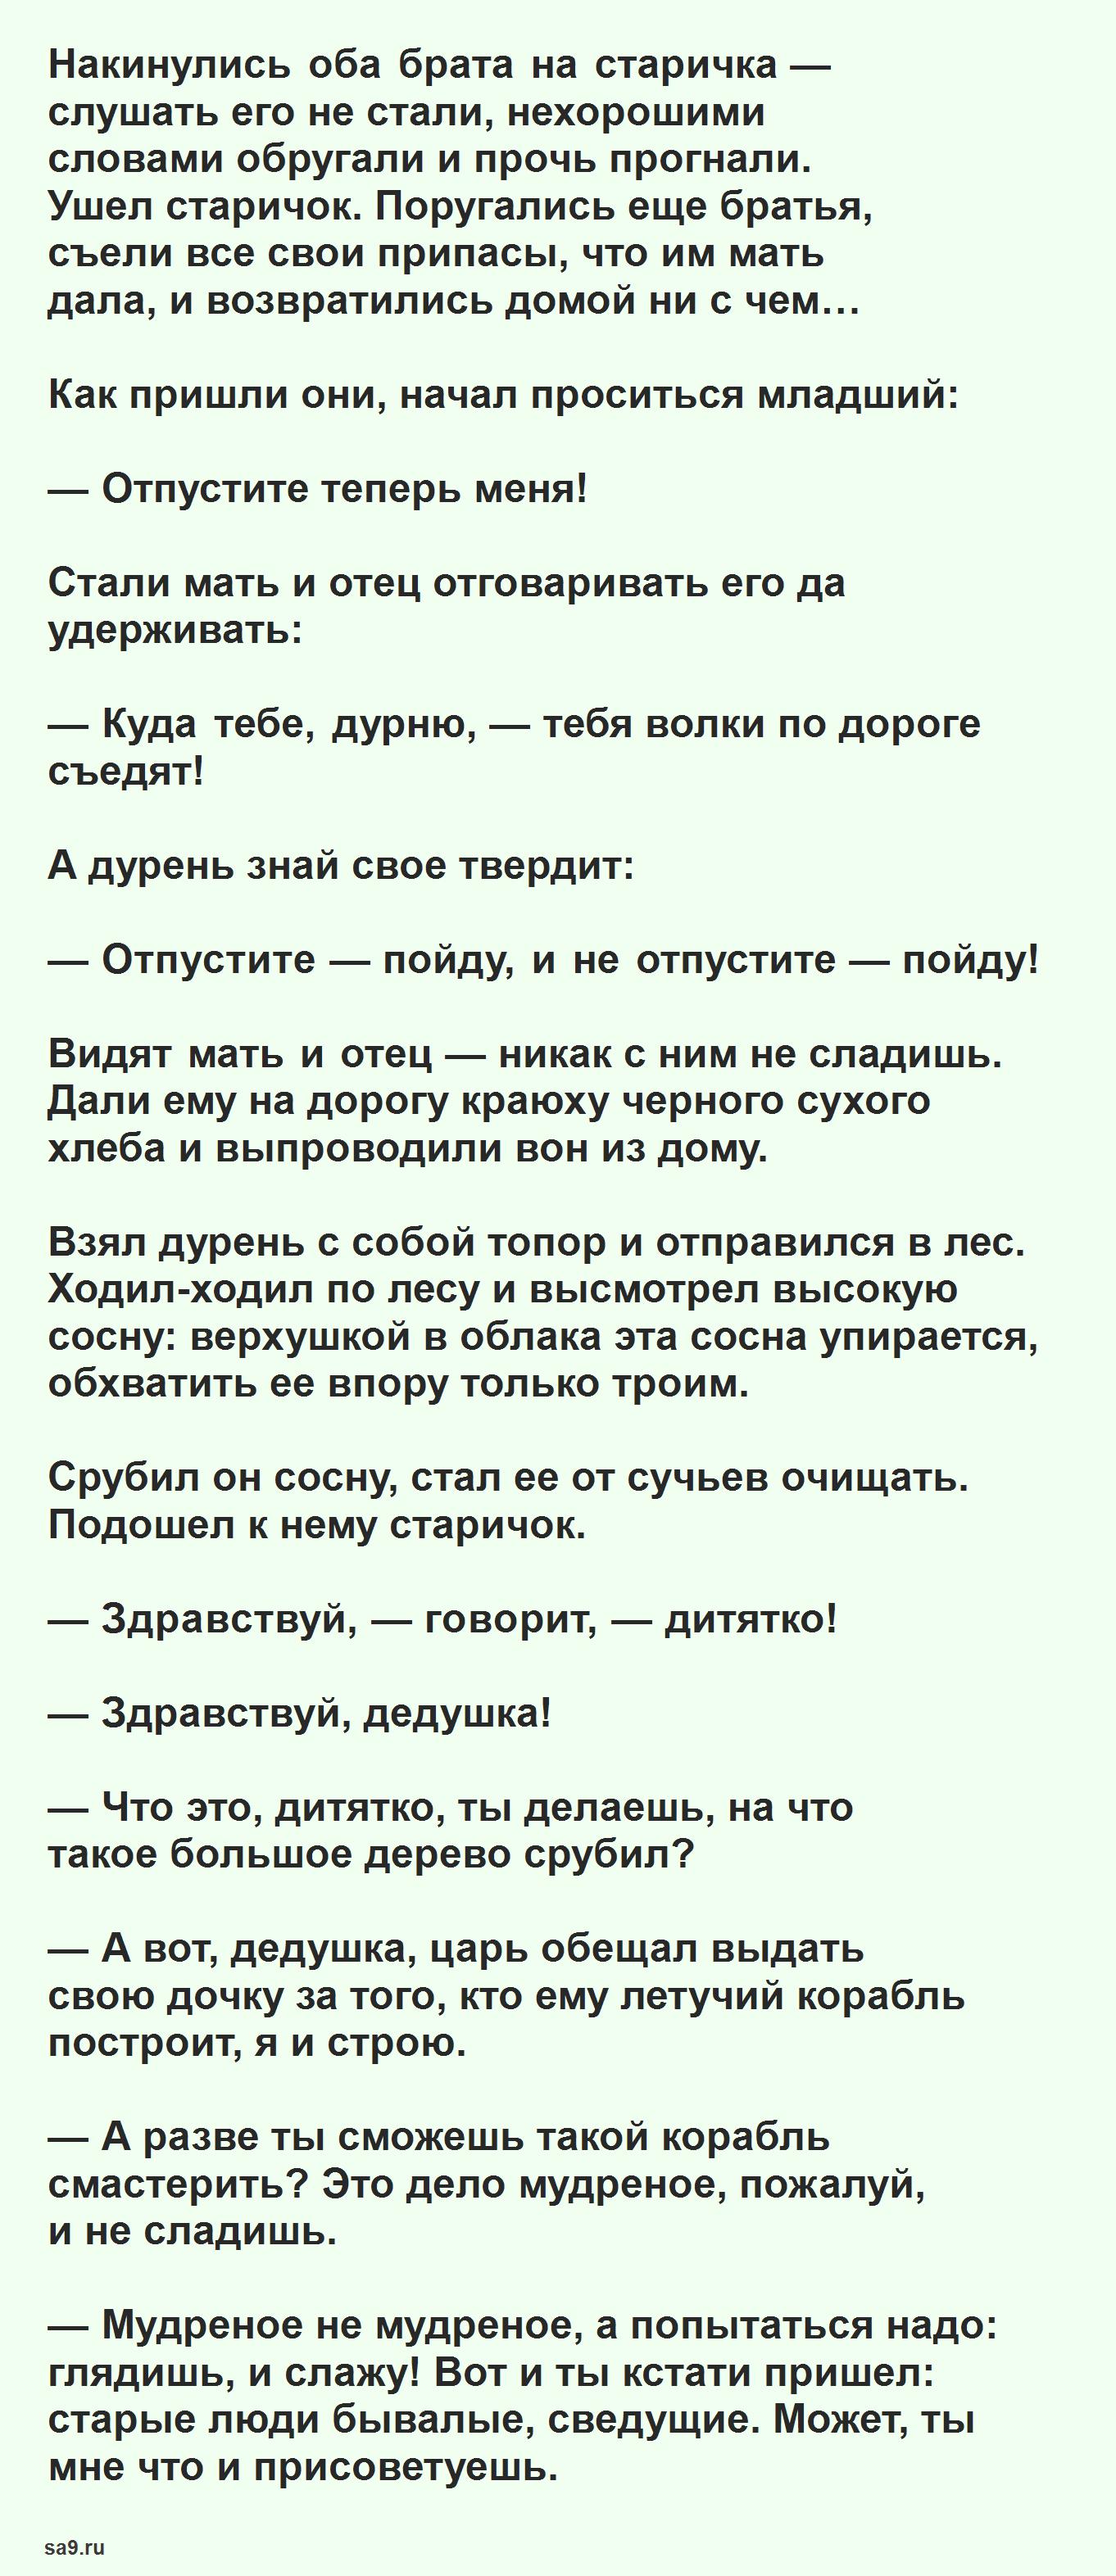 Русская народная сказка для детей – Летучий корабль